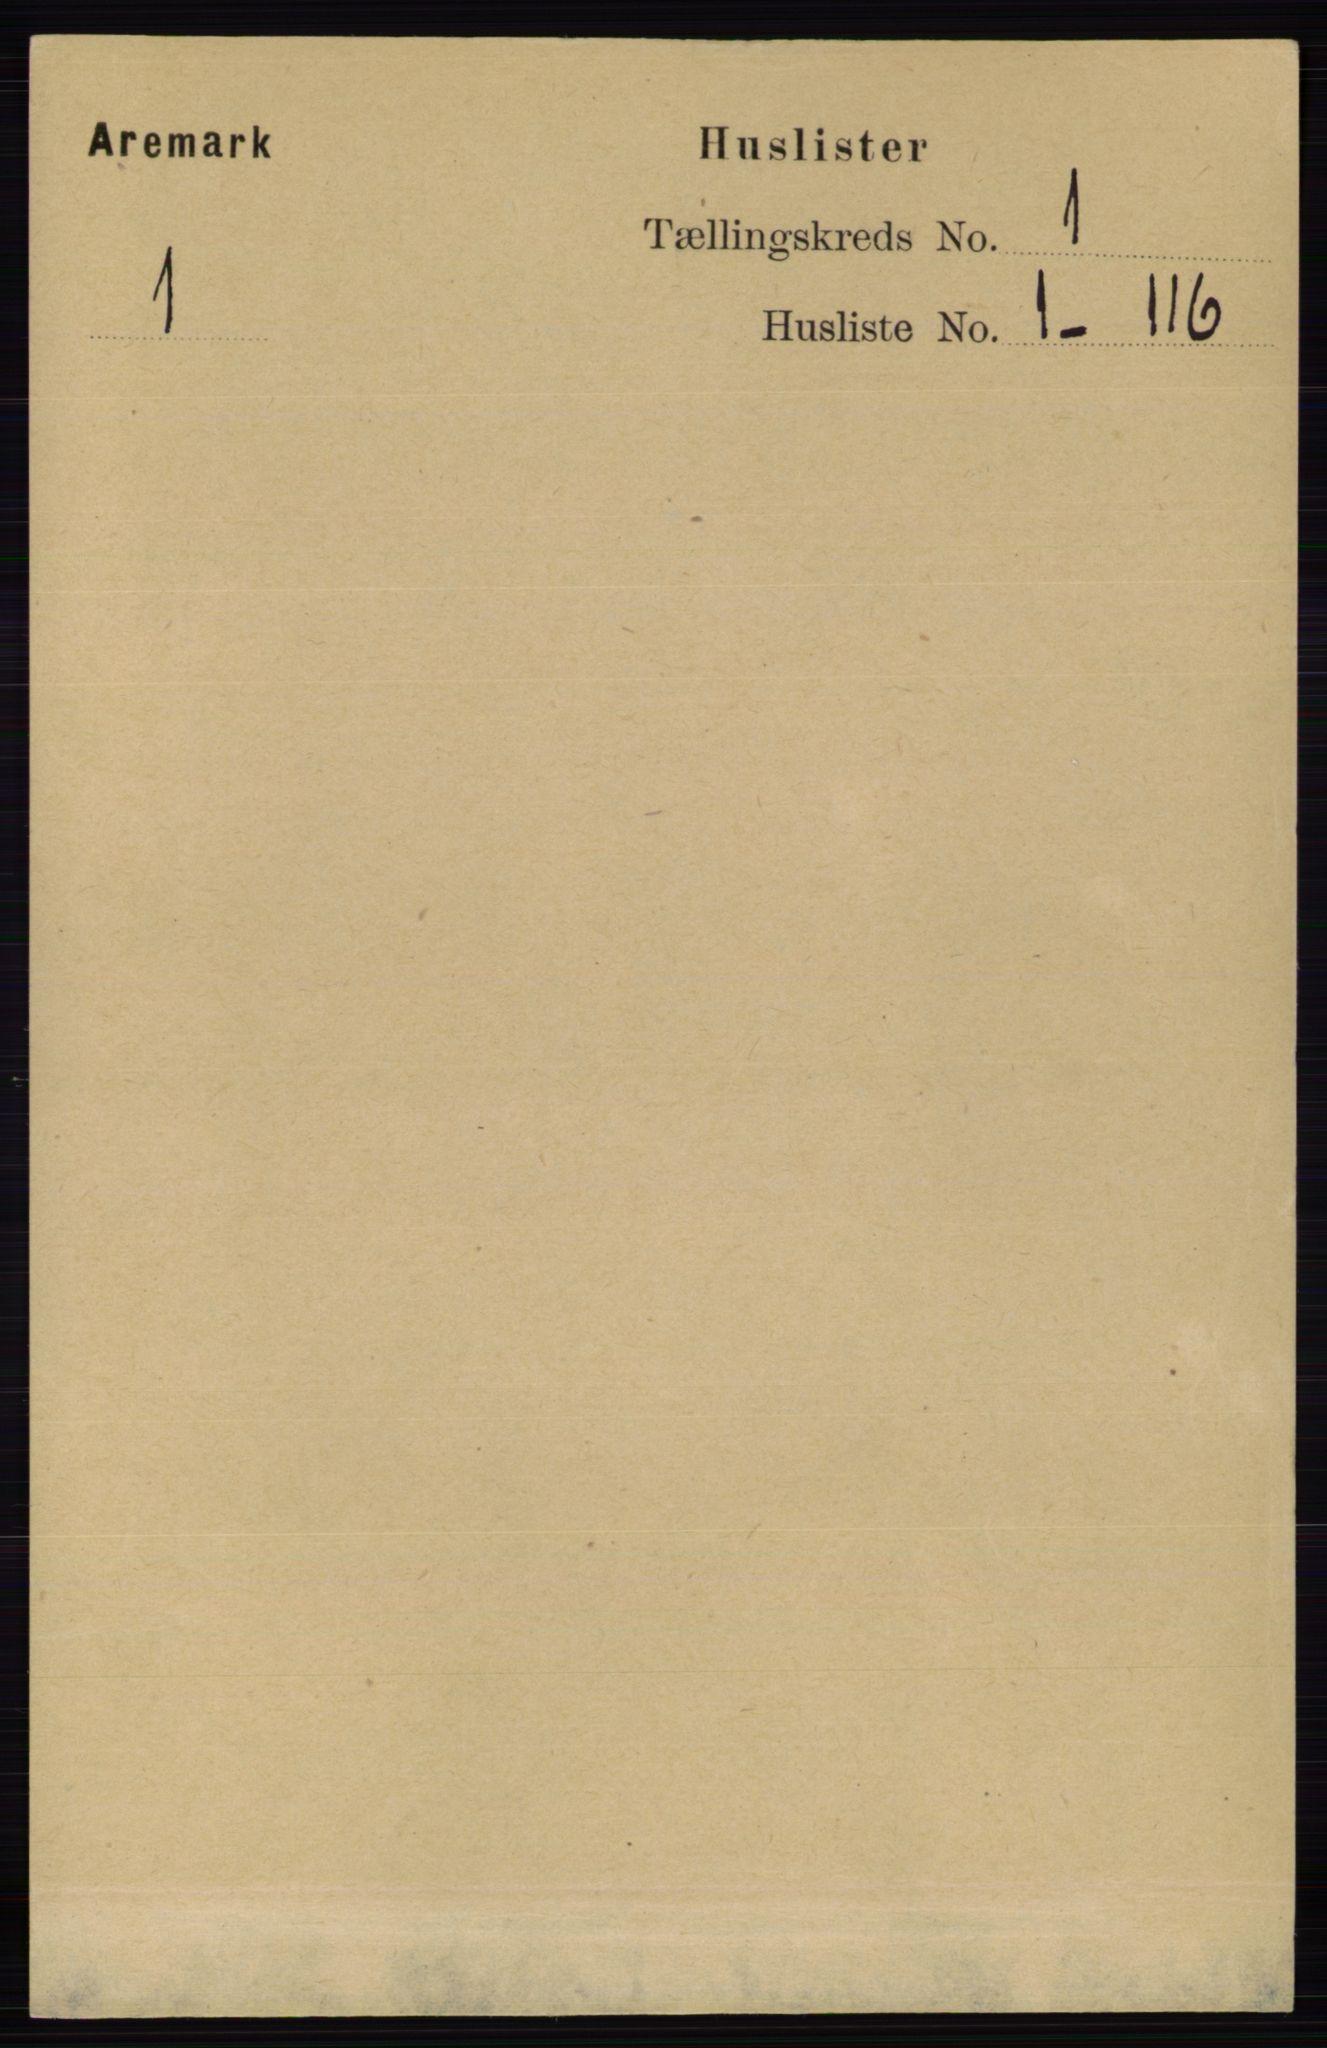 RA, Folketelling 1891 for 0118 Aremark herred, 1891, s. 25